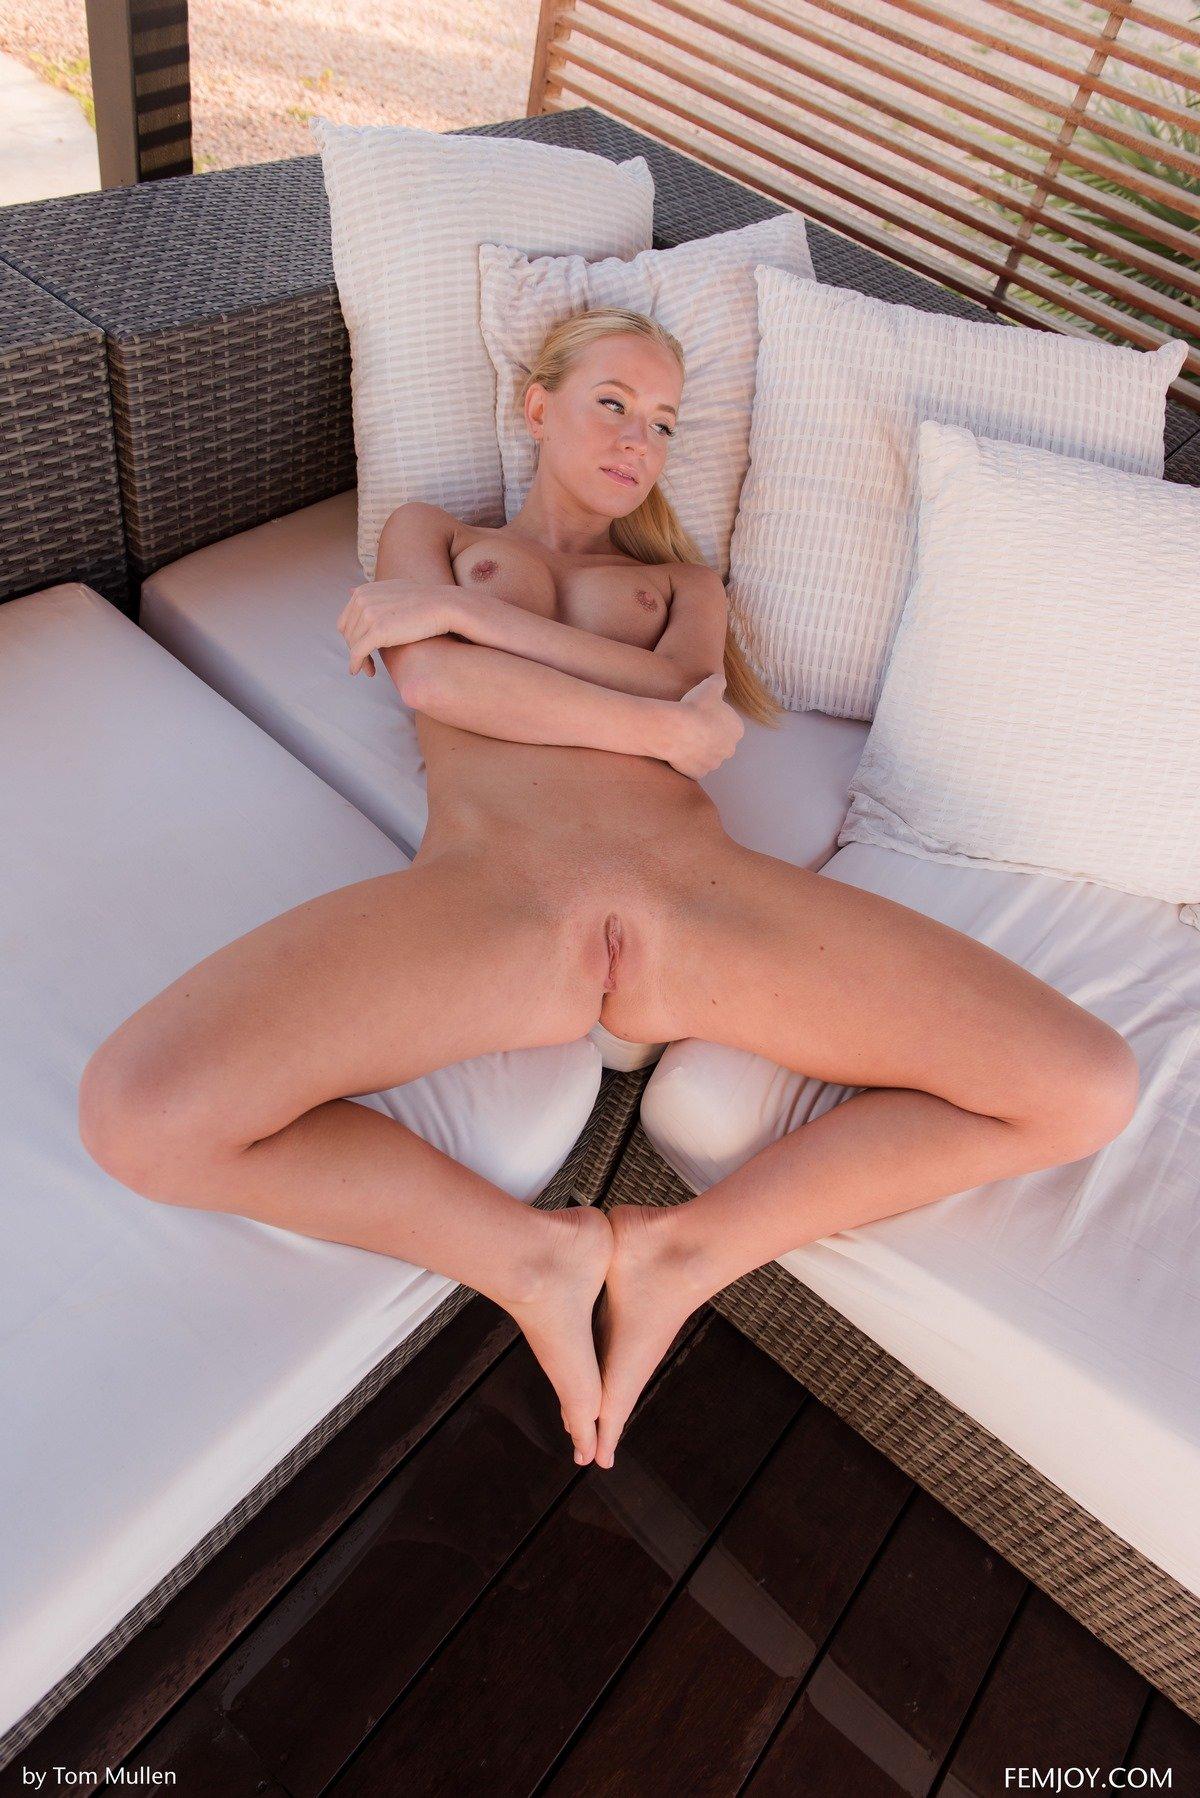 Фото голой блондиночки с длинноногой улыбкой